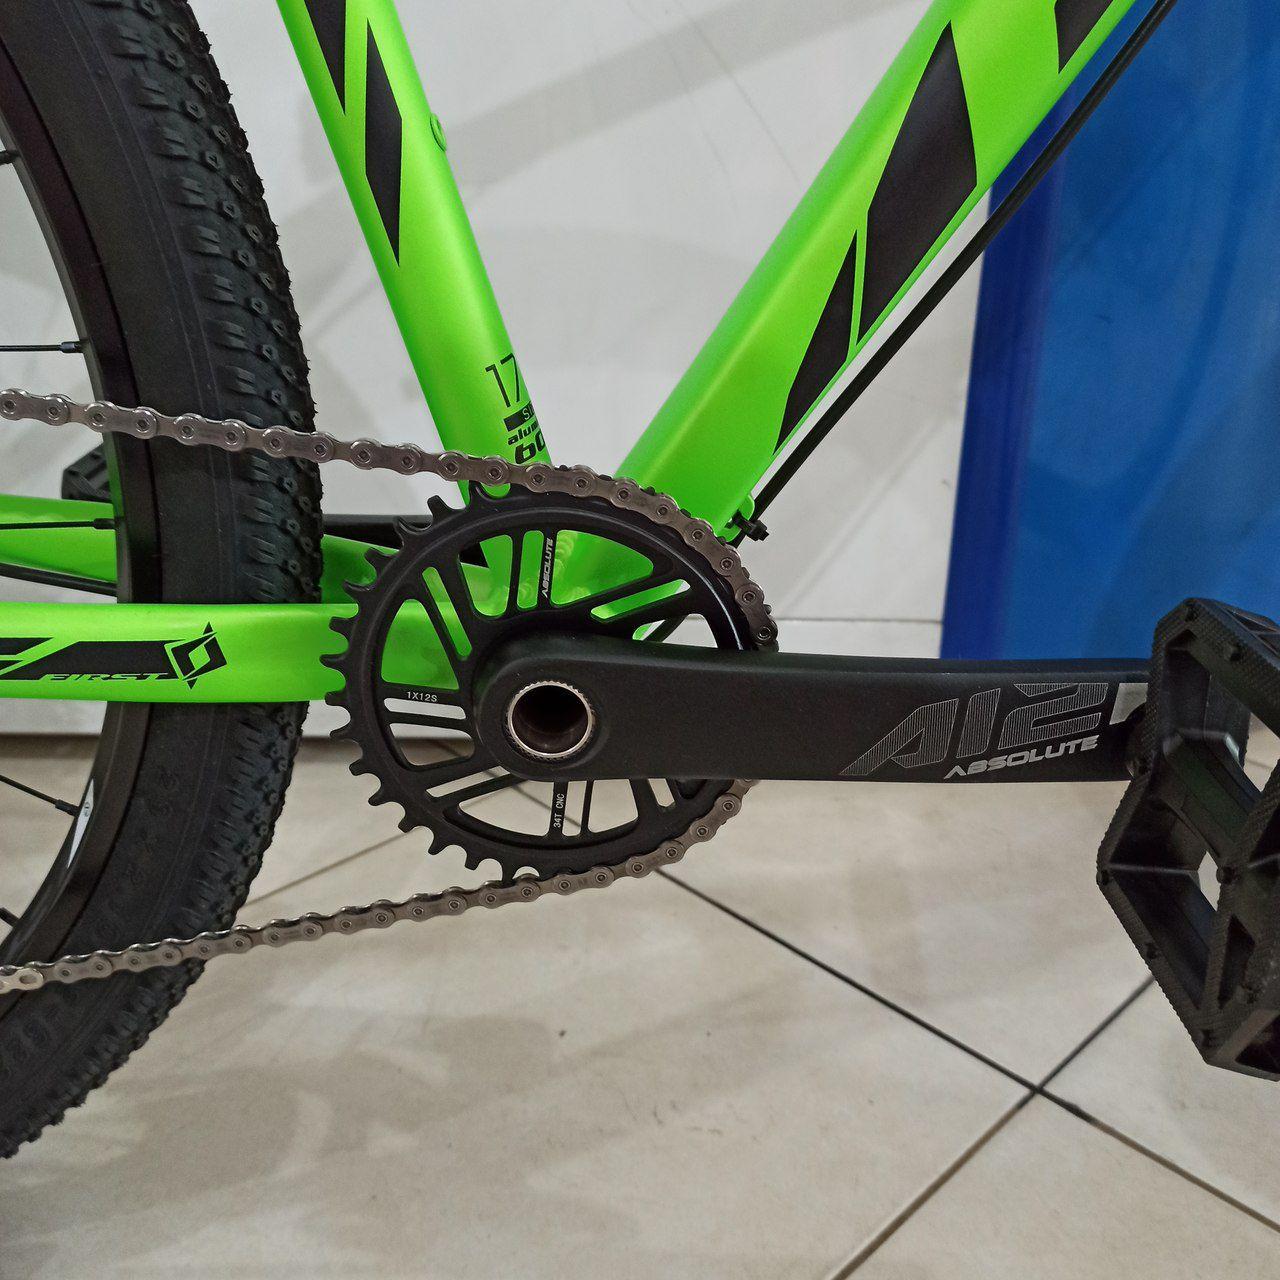 Bicicleta FIRST Lunix aro 29 - 12v Shimano SLX - Suspensão GTA a ar - Freios Shimano Hidráulico